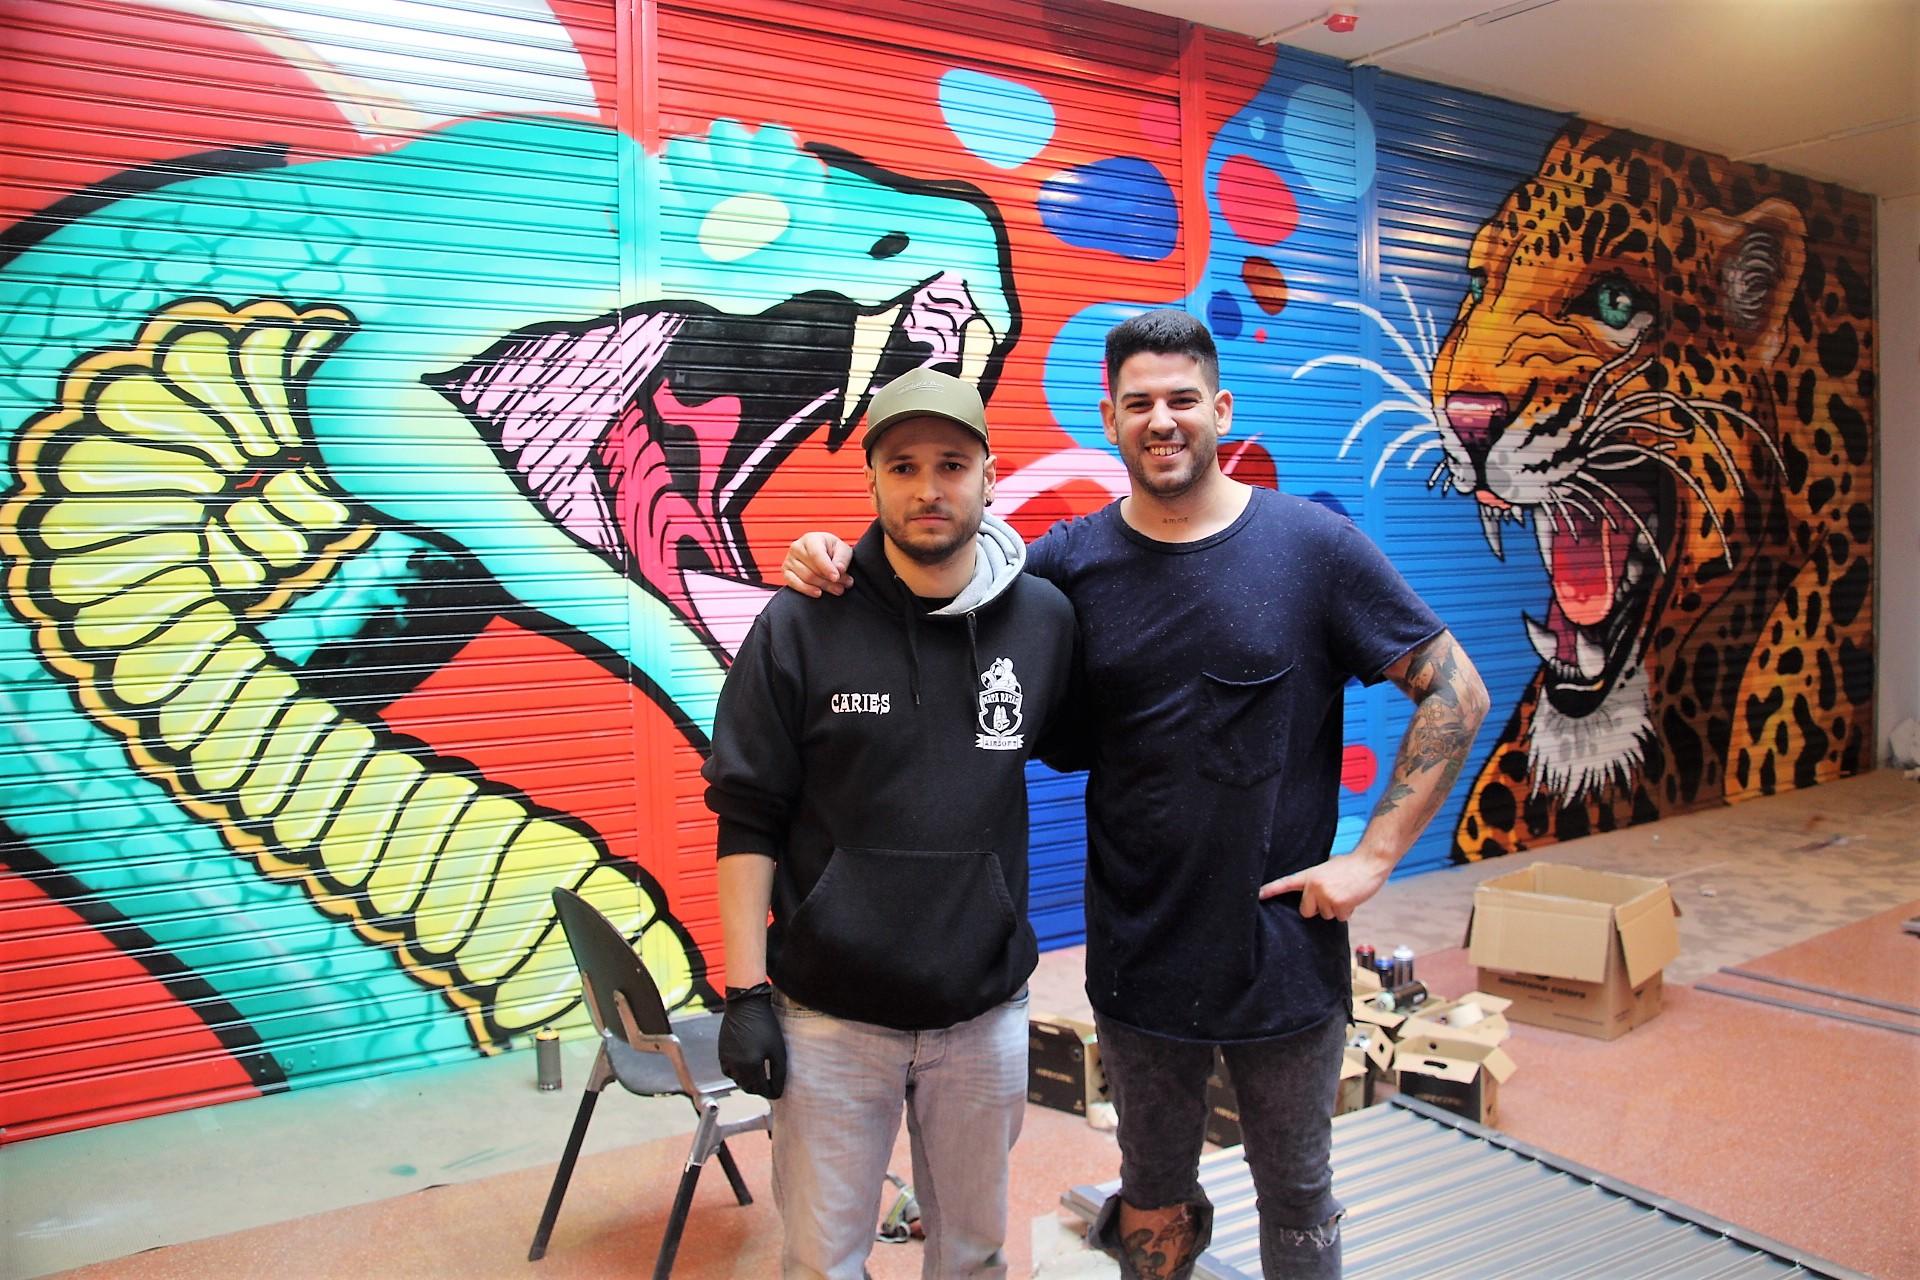 Marc i Ray 27 i la seva creació al Centre Cultural. IntARTvencions